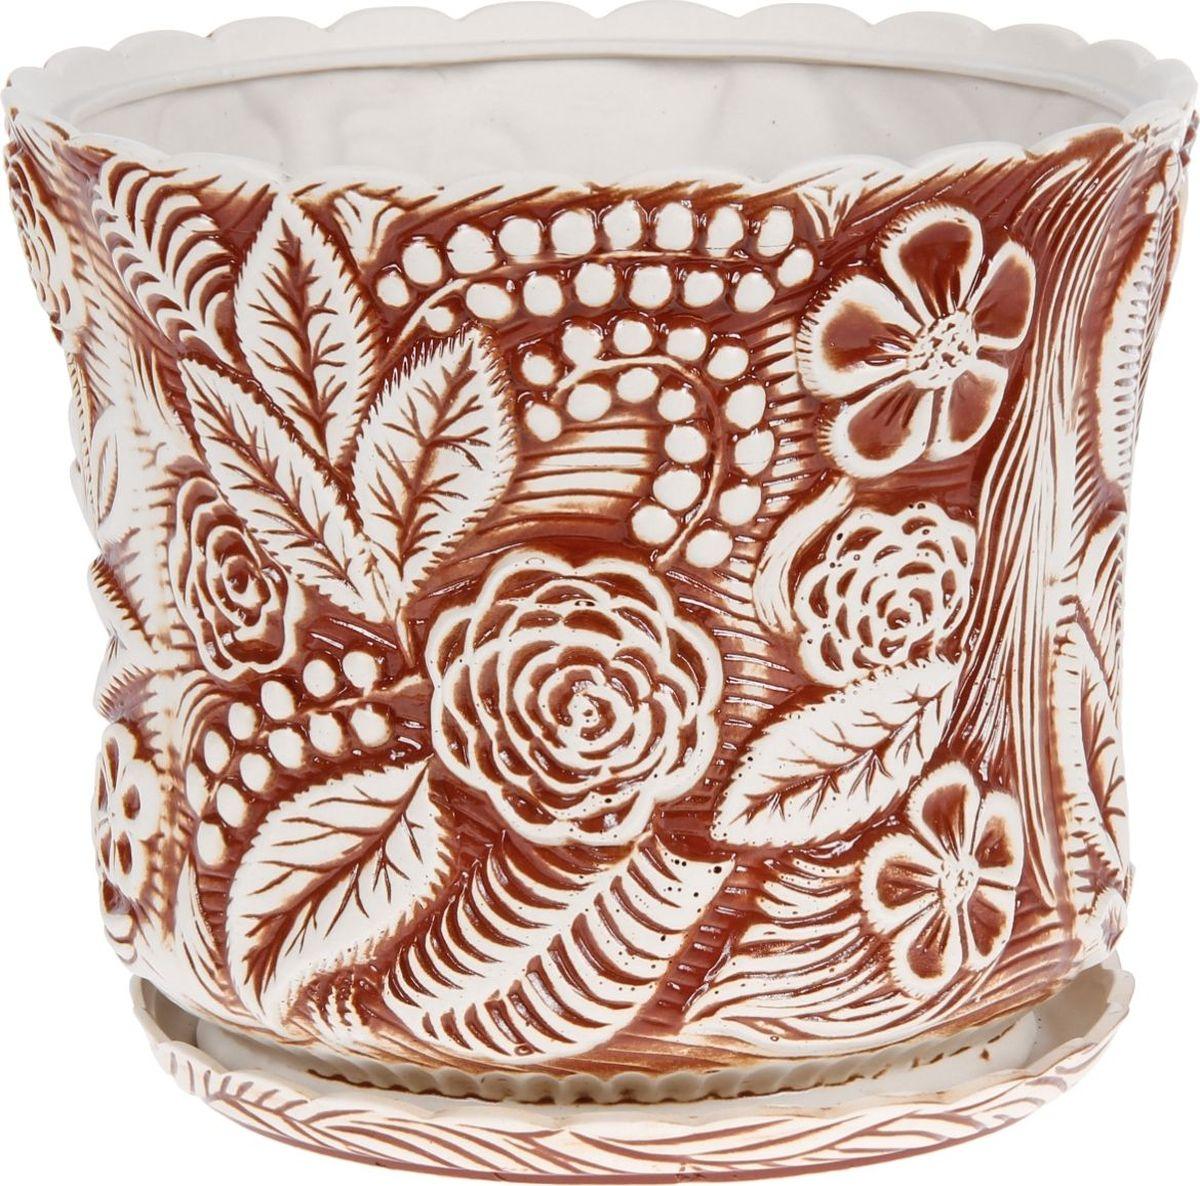 Кашпо Керамика ручной работы Букет, цвет: коричневый, 30 л1130594Комнатные растения — всеобщие любимцы. Они радуют глаз, насыщают помещение кислородом и украшают пространство. Каждому из них необходим свой удобный и красивый дом. Кашпо из керамики прекрасно подходят для высадки растений: за счёт пластичности глины и разных способов обработки существует великое множество форм и дизайновпористый материал позволяет испаряться лишней влагевоздух, необходимый для дыхания корней, проникает сквозь керамические стенки! #name# позаботится о зелёном питомце, освежит интерьер и подчеркнёт его стиль.